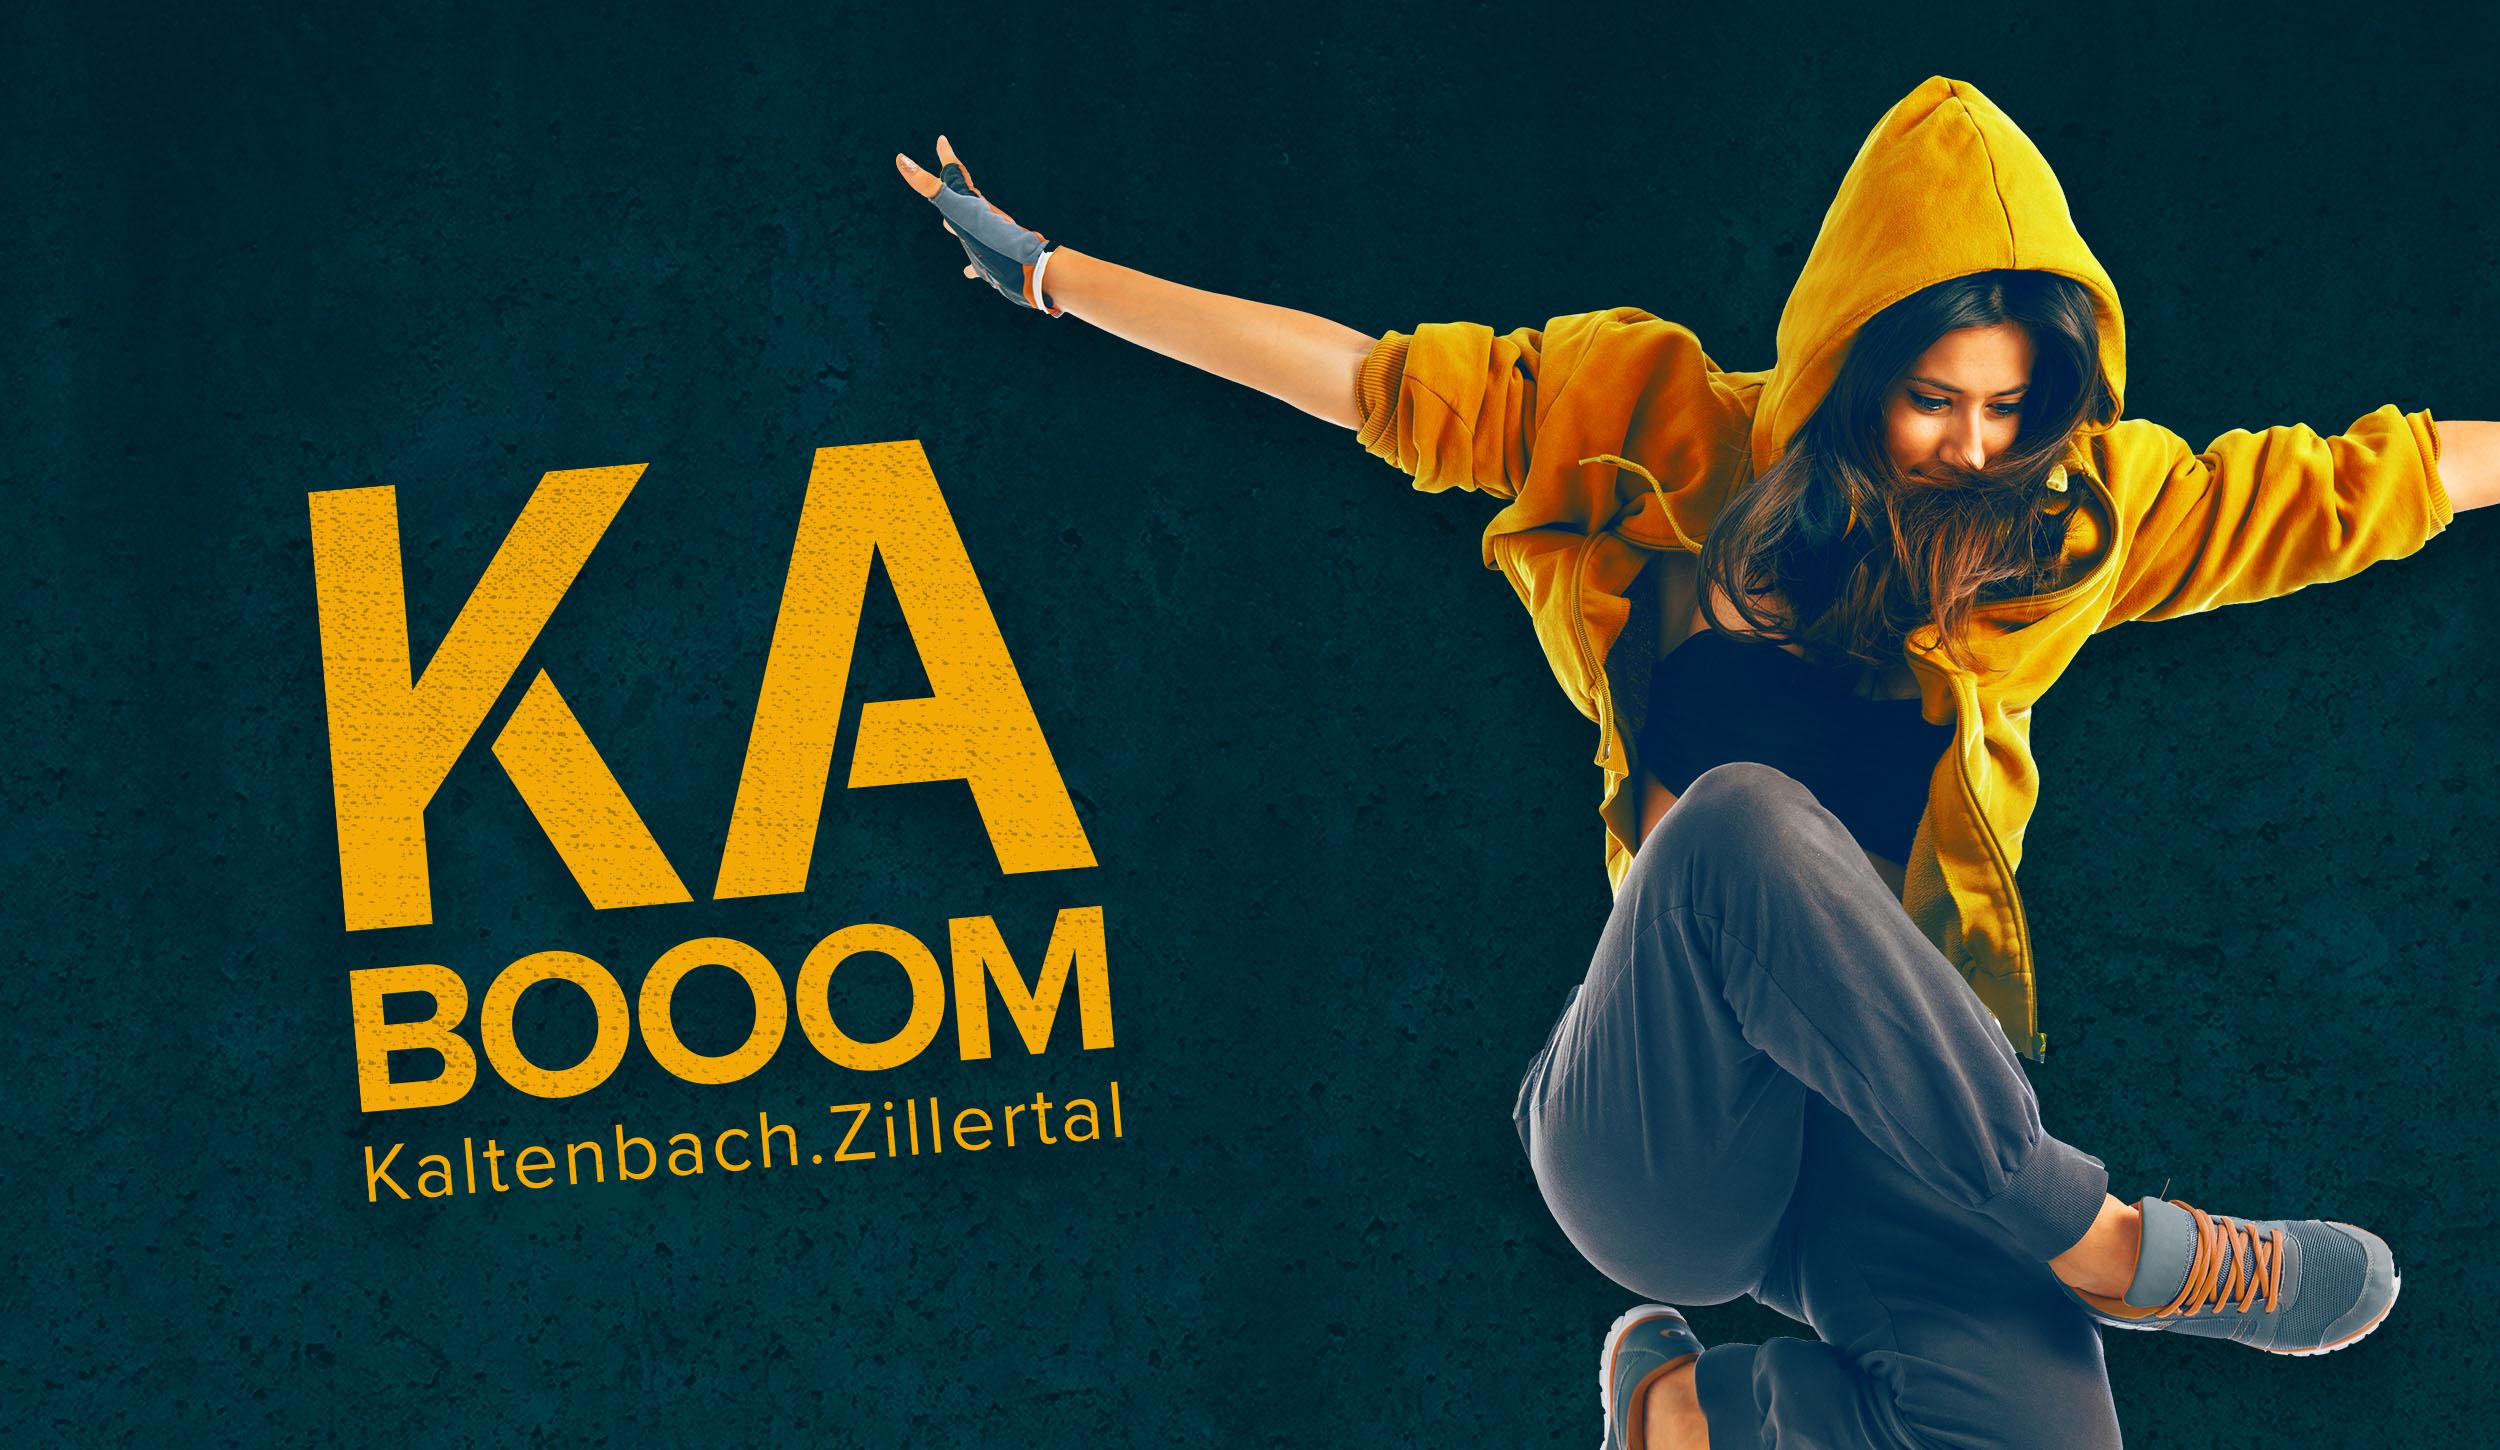 Konzept und Branding Kabooom Kaltenbach im Zillertal